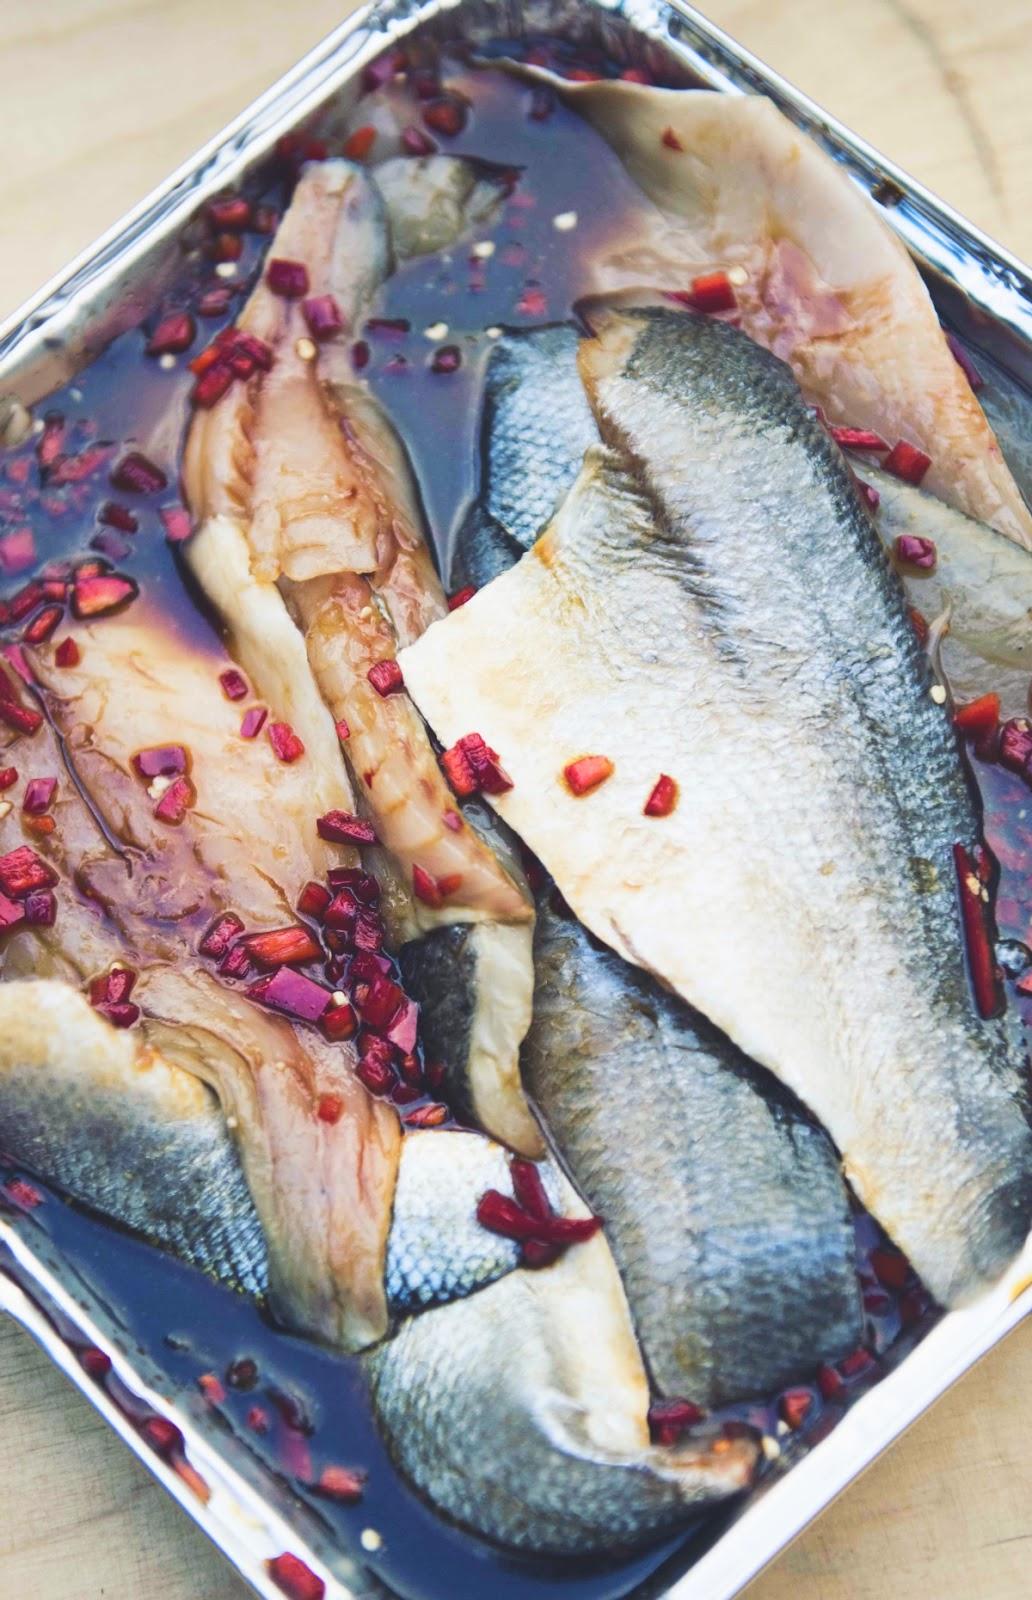 Fish option at the #asdaMEATup